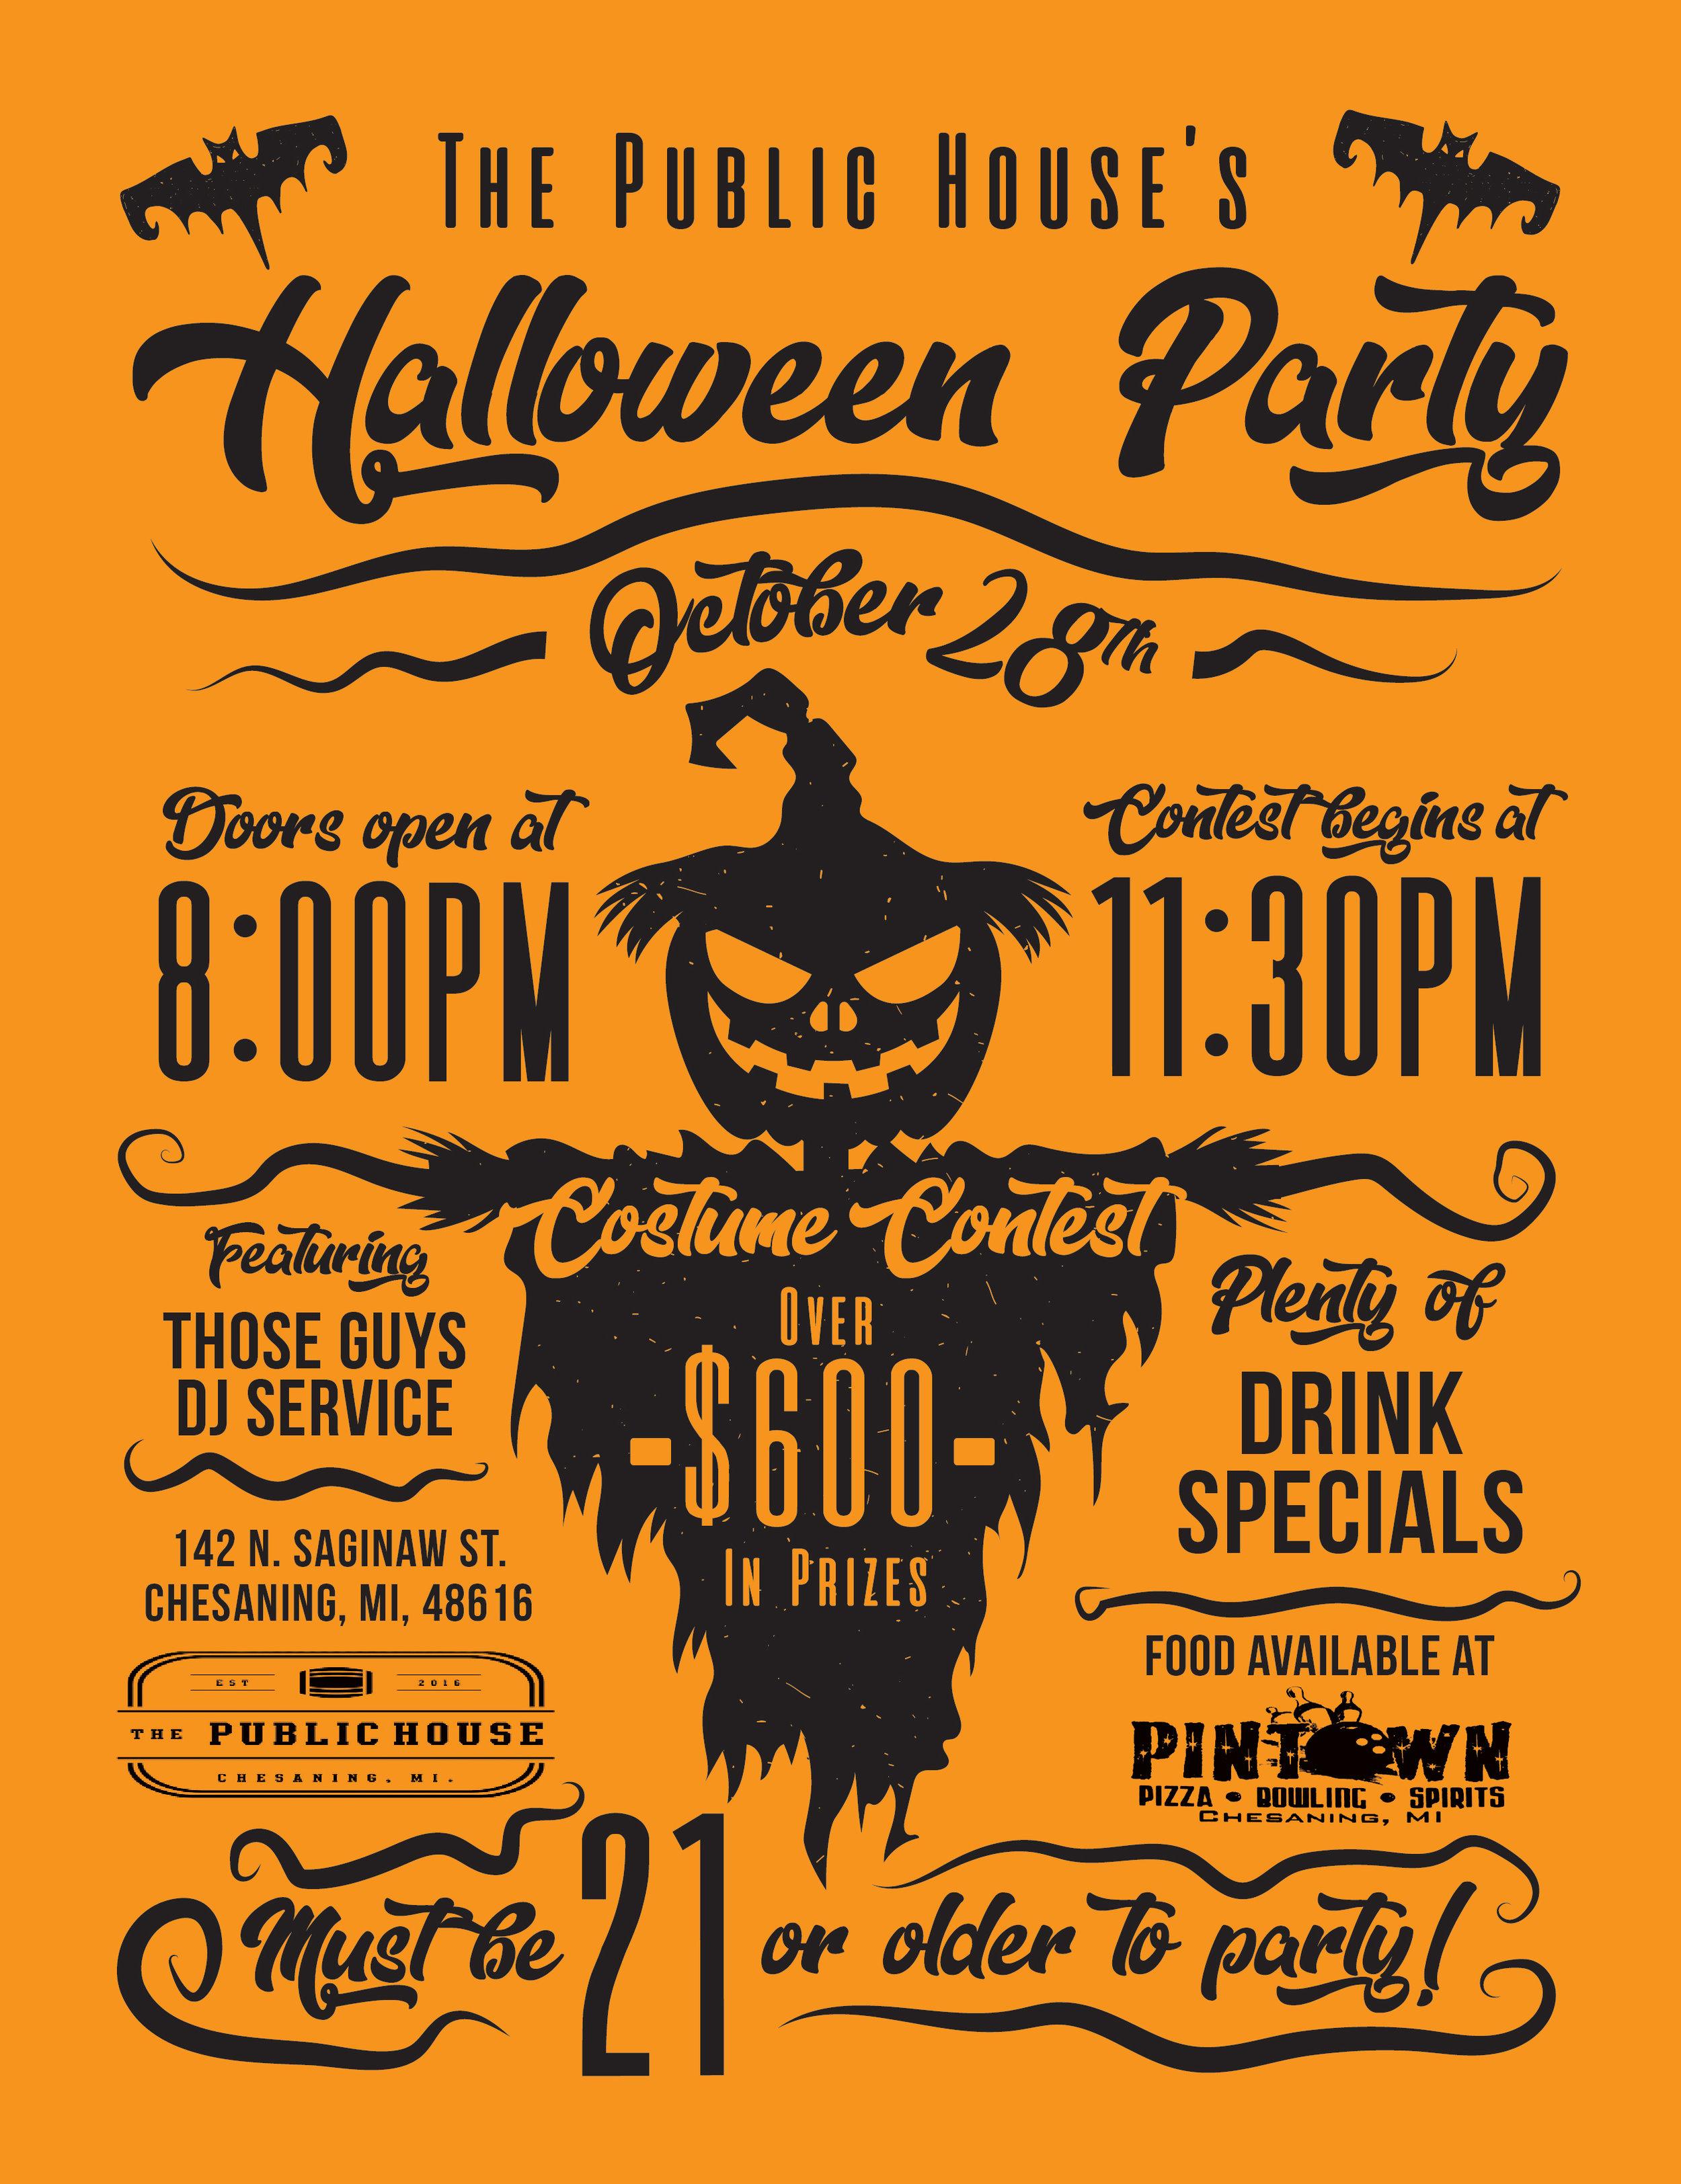 Halloween Party Flyer_2018.jpg